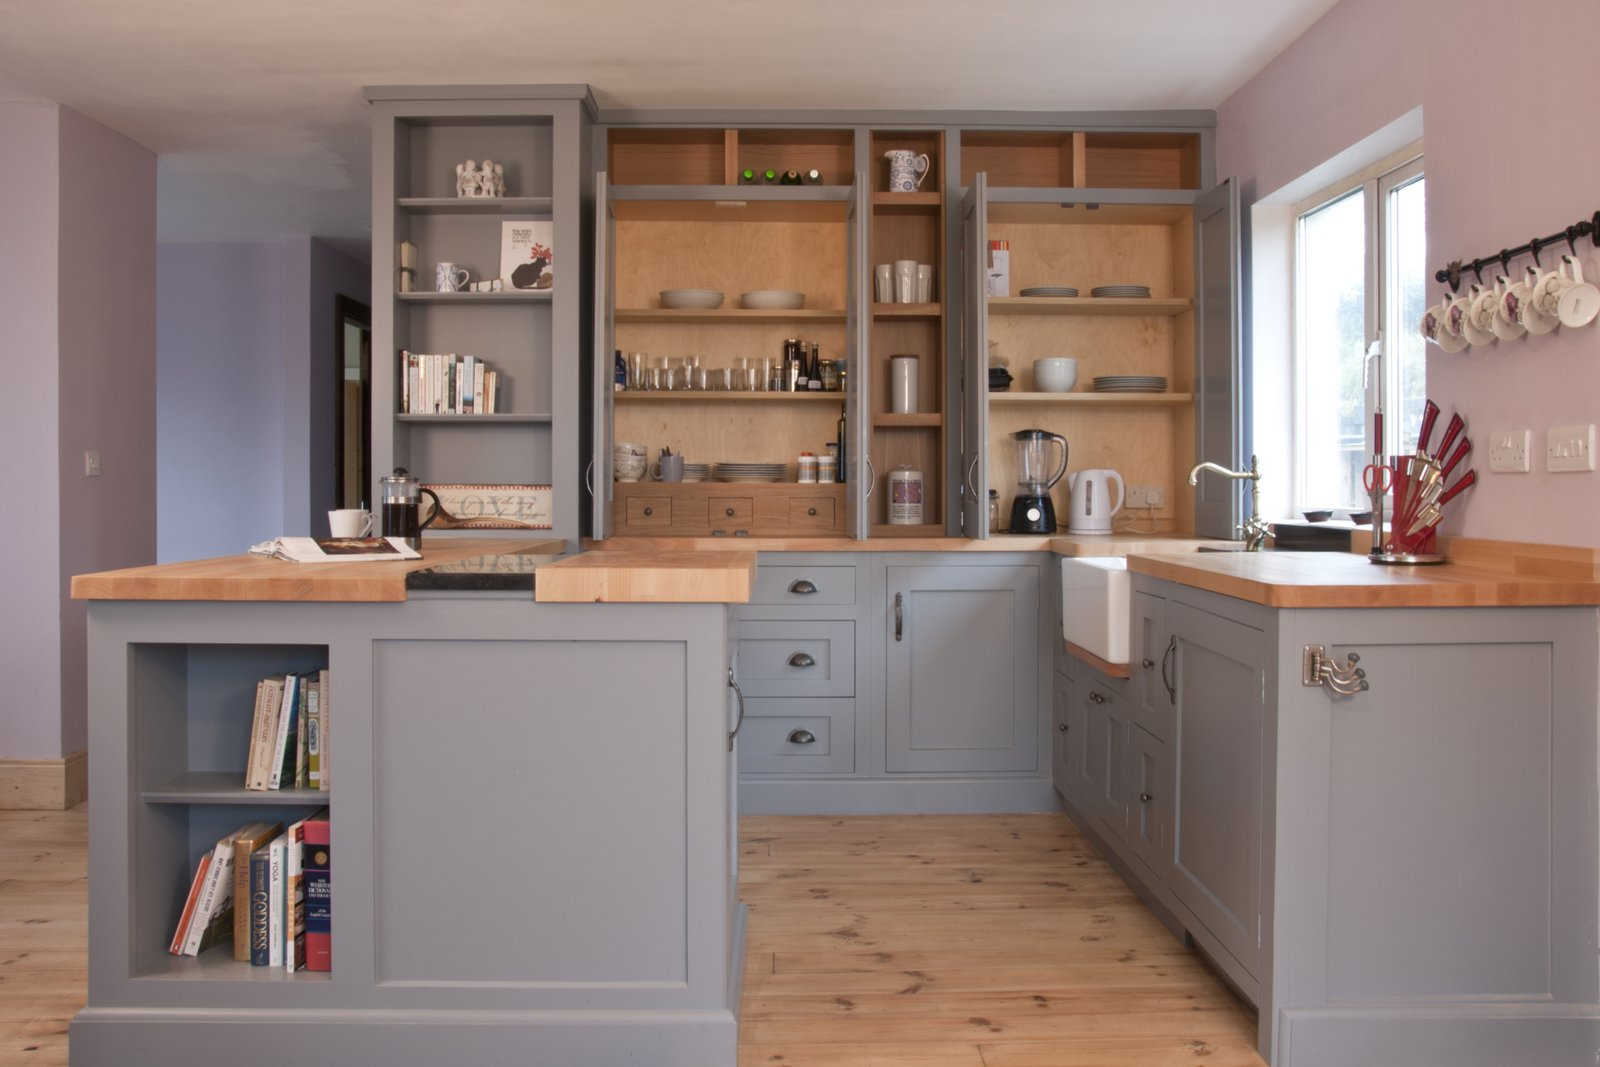 Handmade handpainted kitchen bespoke